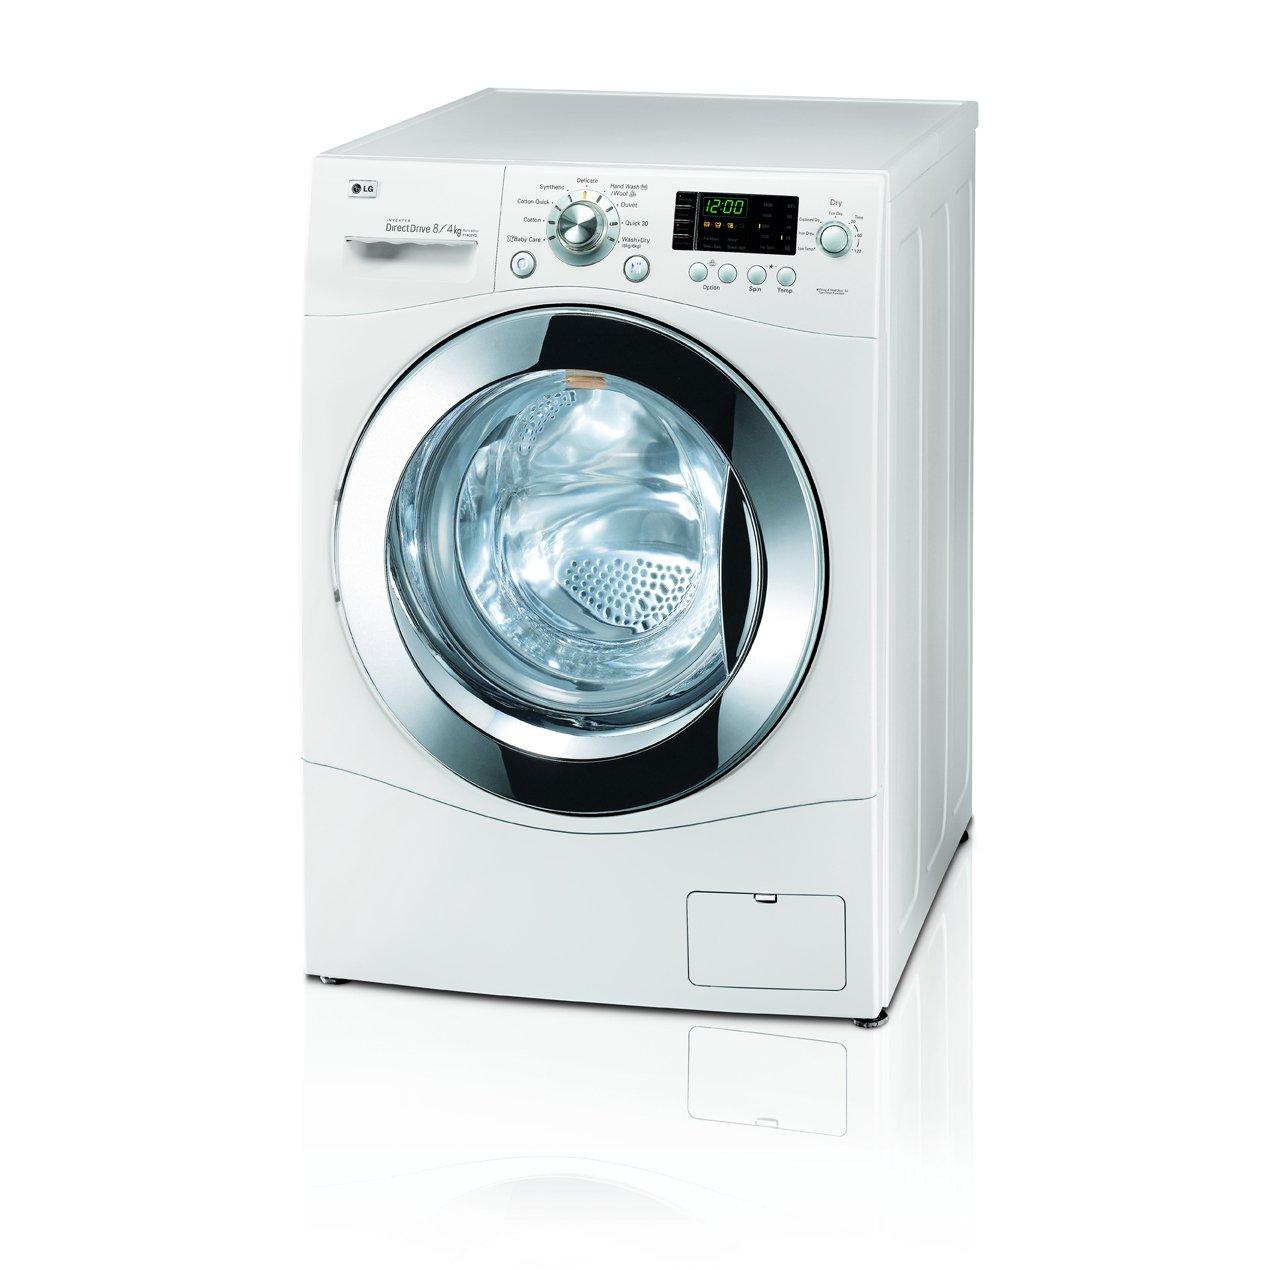 LG F1403YD lavadora - Lavadora-secadora (Frente ...